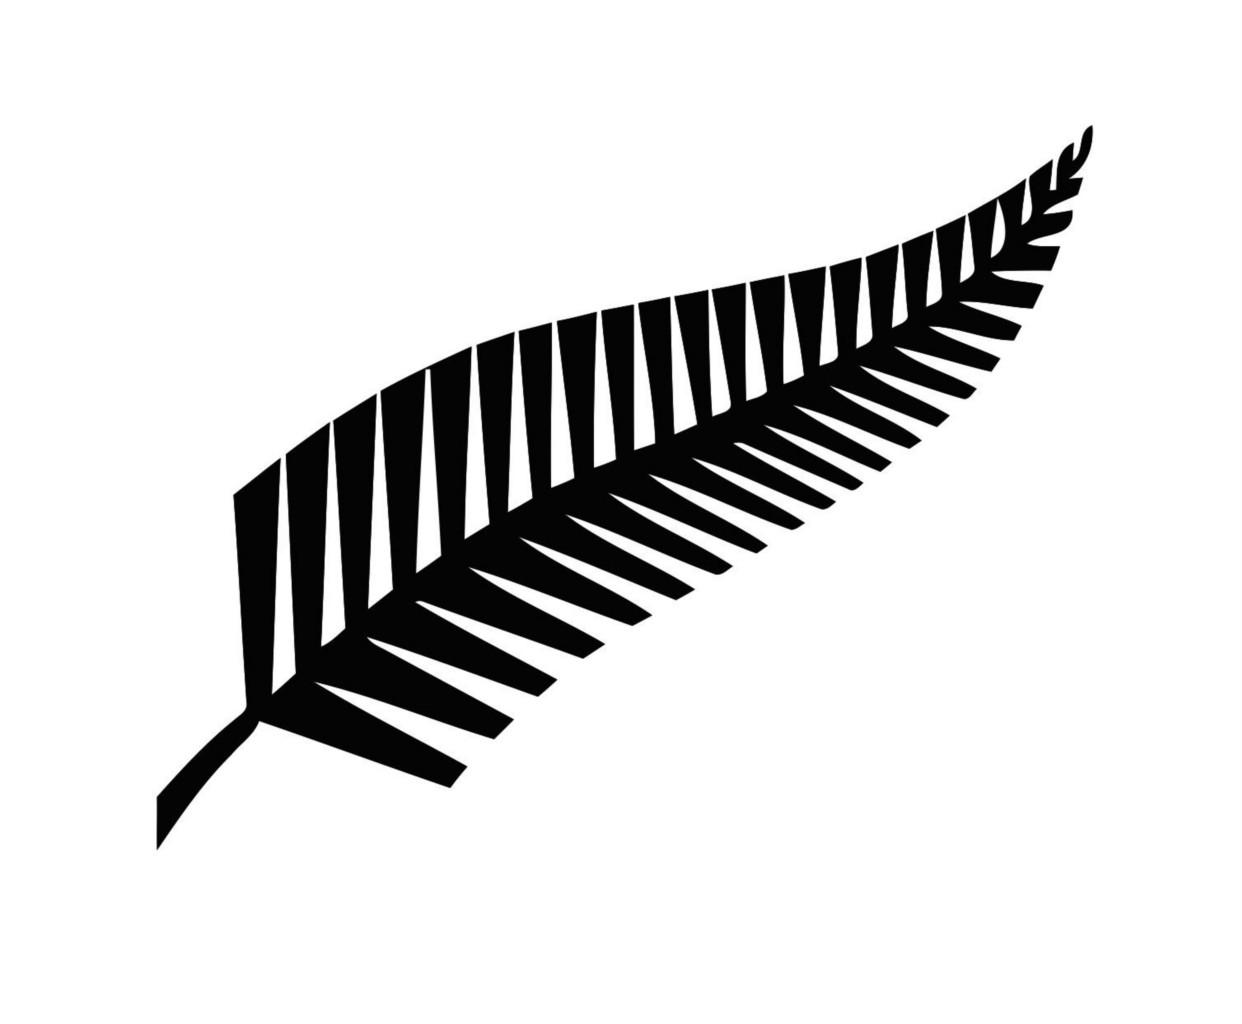 All Black Kiwi Leaf Sticker Decal